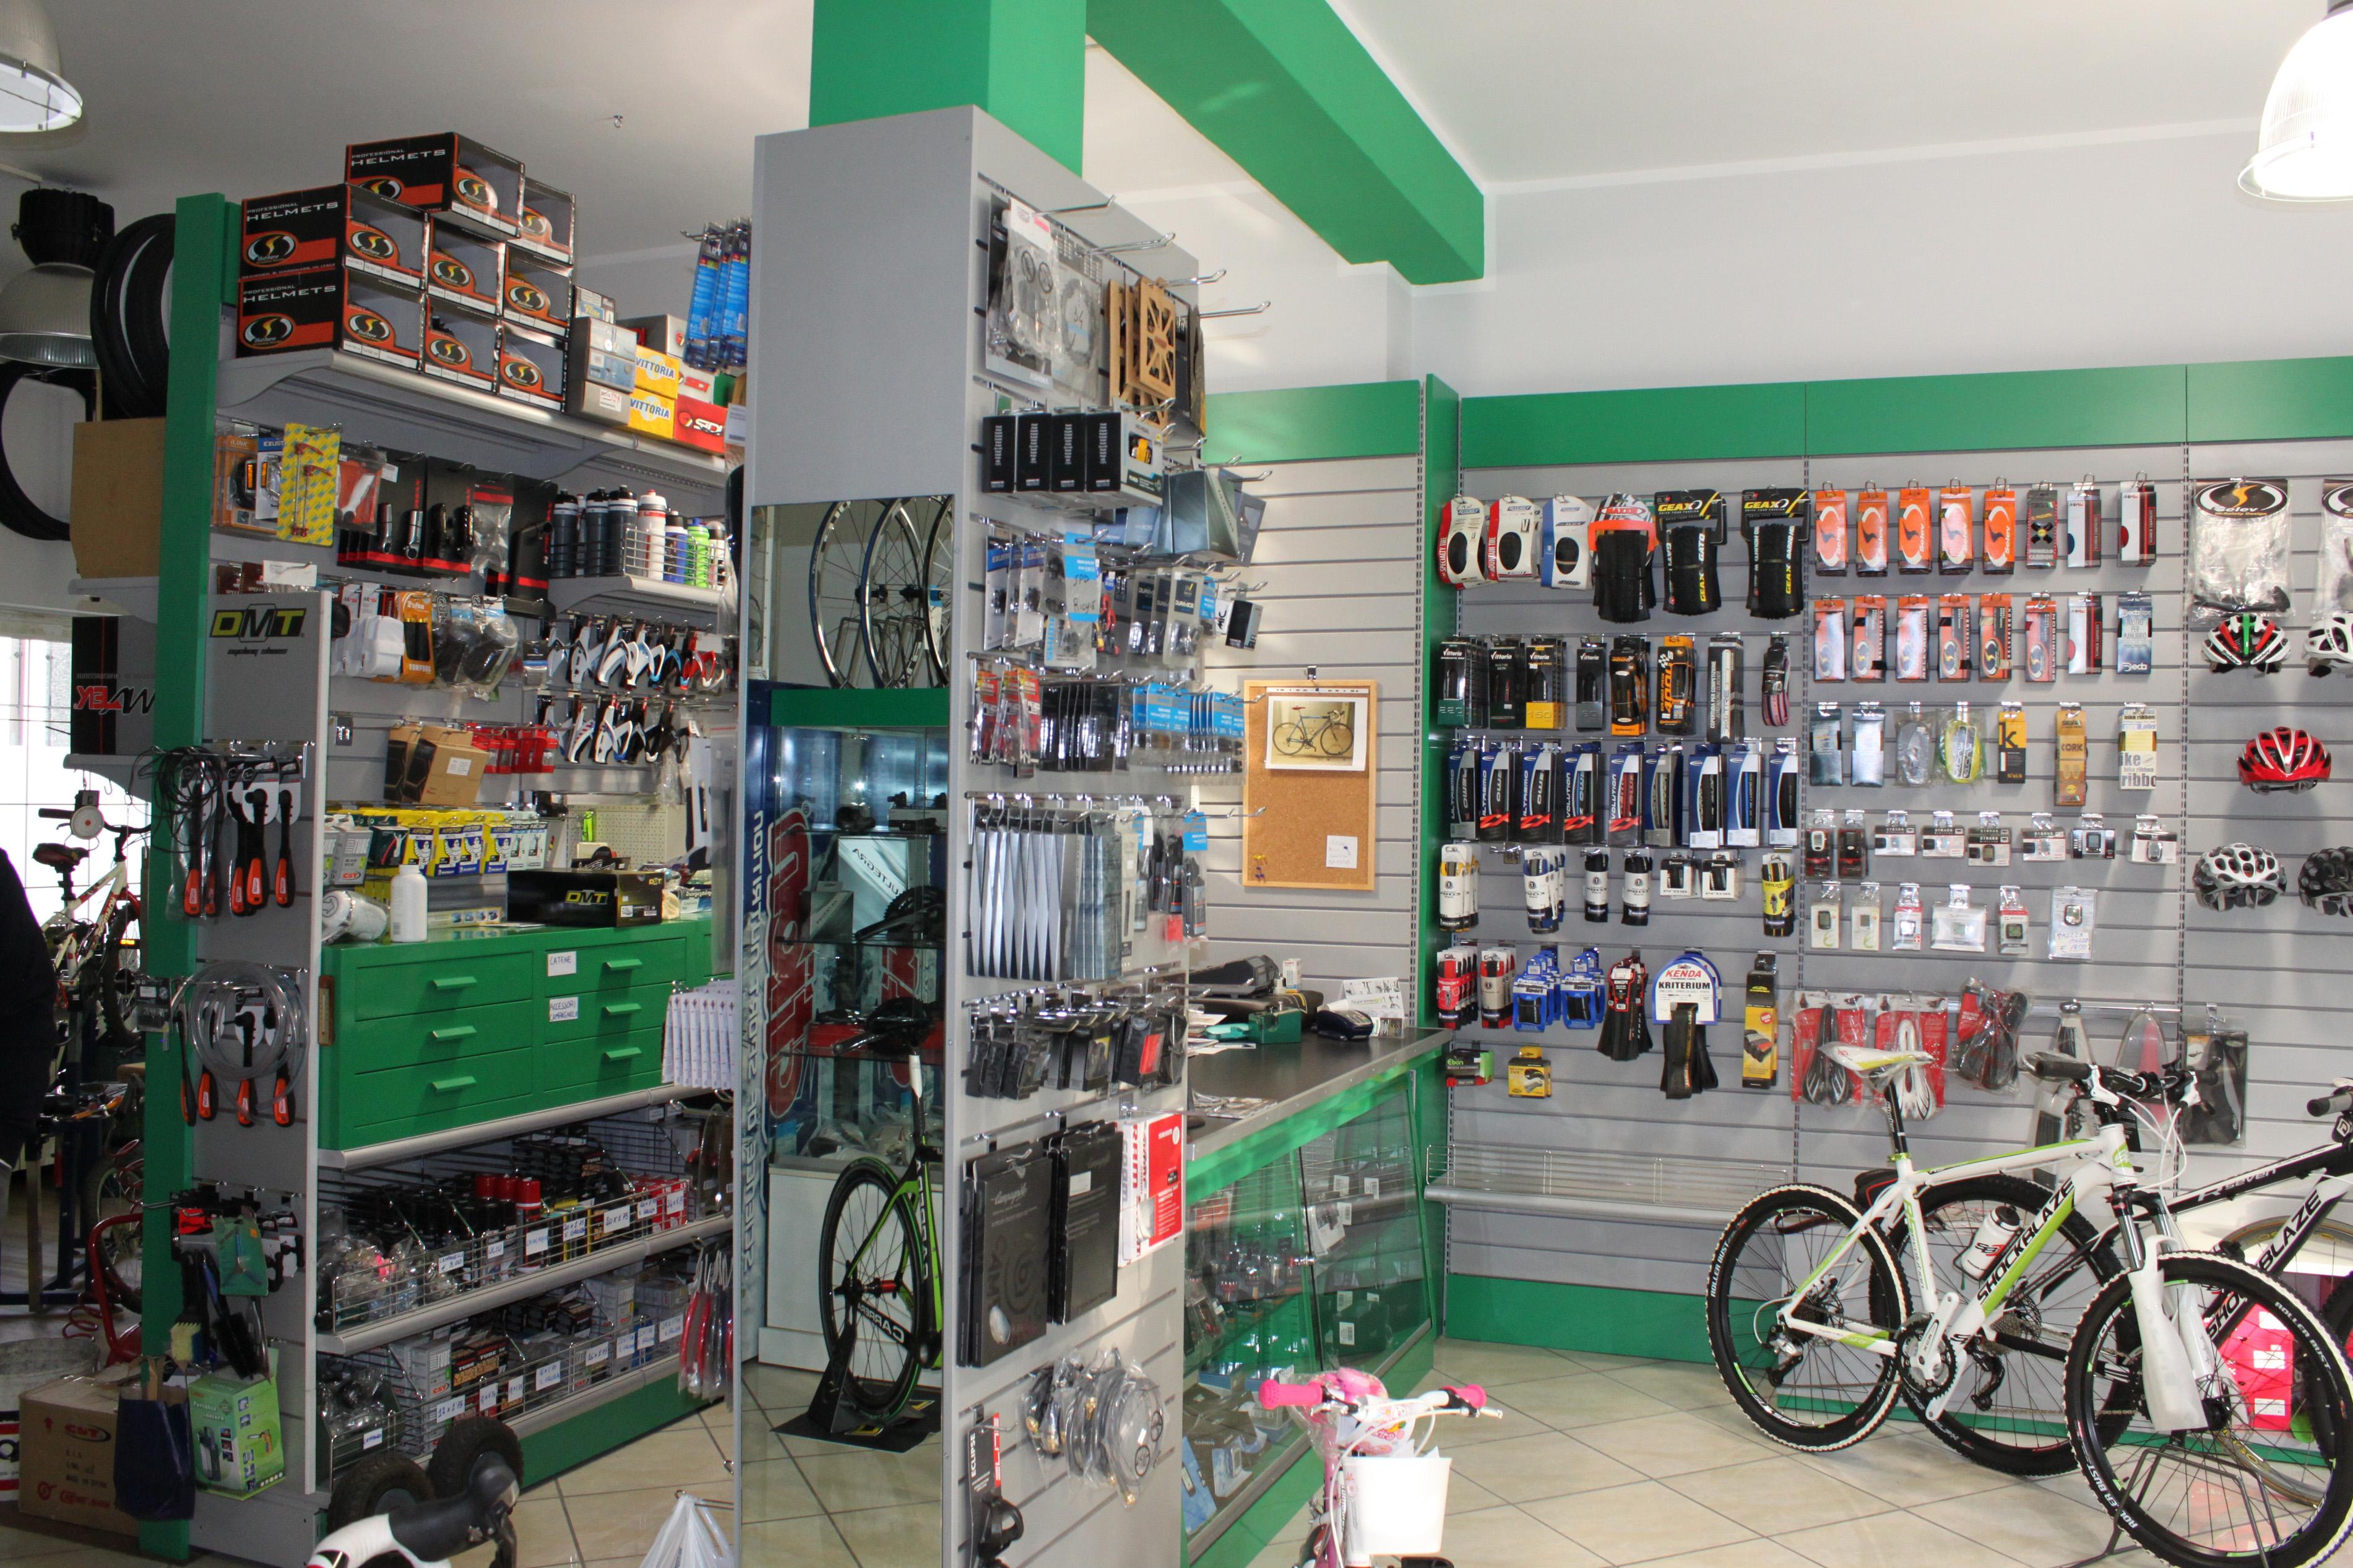 Mobili per negozi idee di design per la casa for Arreda negozi shop